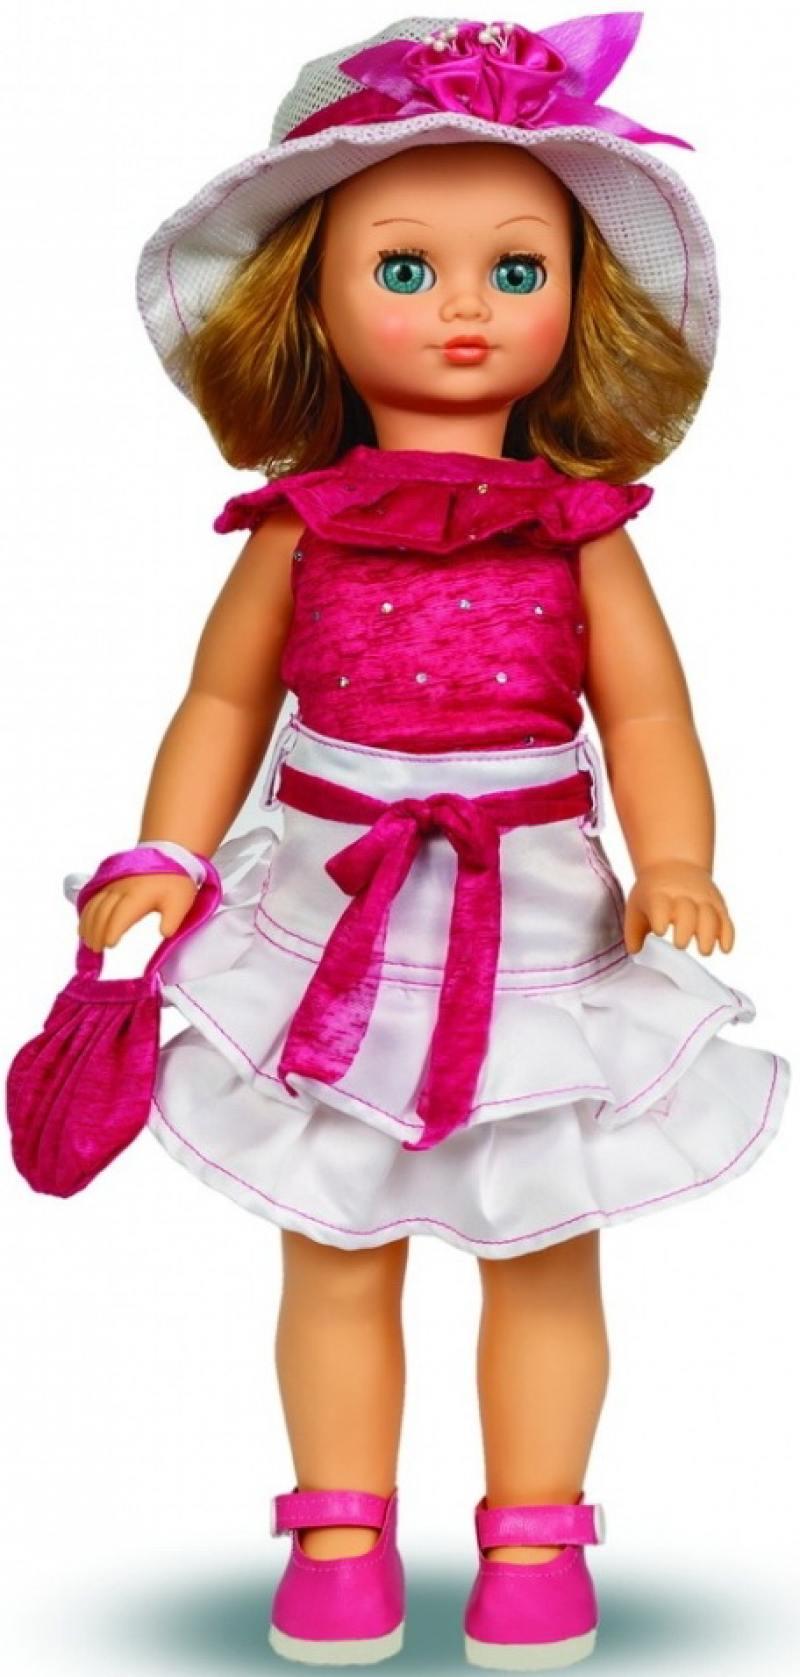 Кукла ВЕСНА Лиза 16 (озвученная) В2144/о кукла лиза весна 23 озвученная в135 о